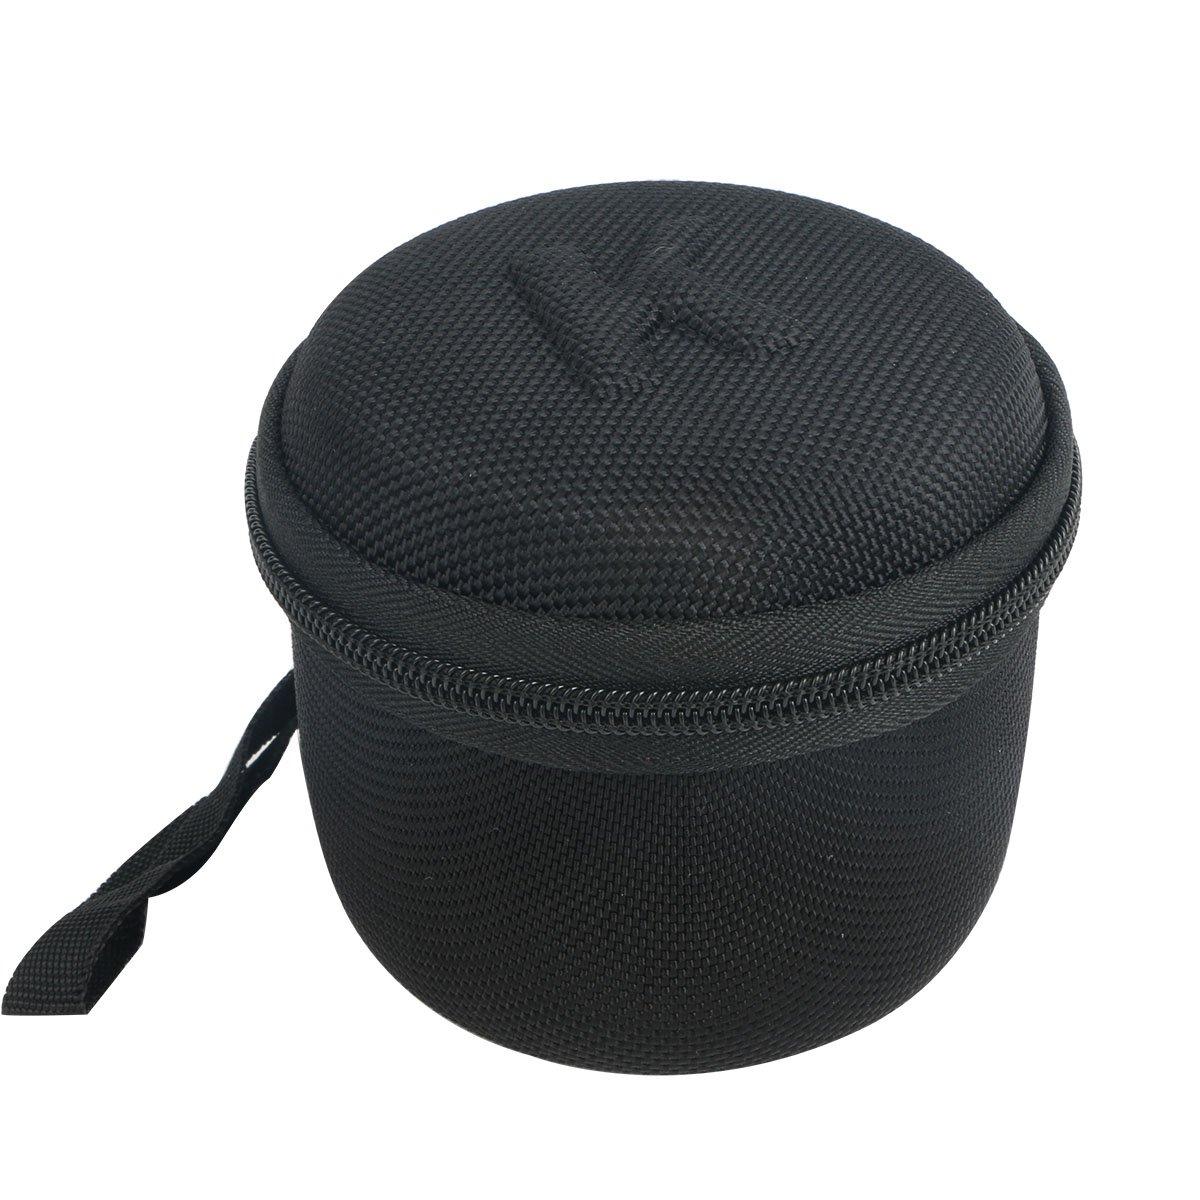 Khankaハードストレージキャリー旅行ケースバッグEasyAccミニポータブルワイヤレスBluetoothスピーカー。メッシュポケットfor USBケーブル – ブラック   B01EFP6BM6